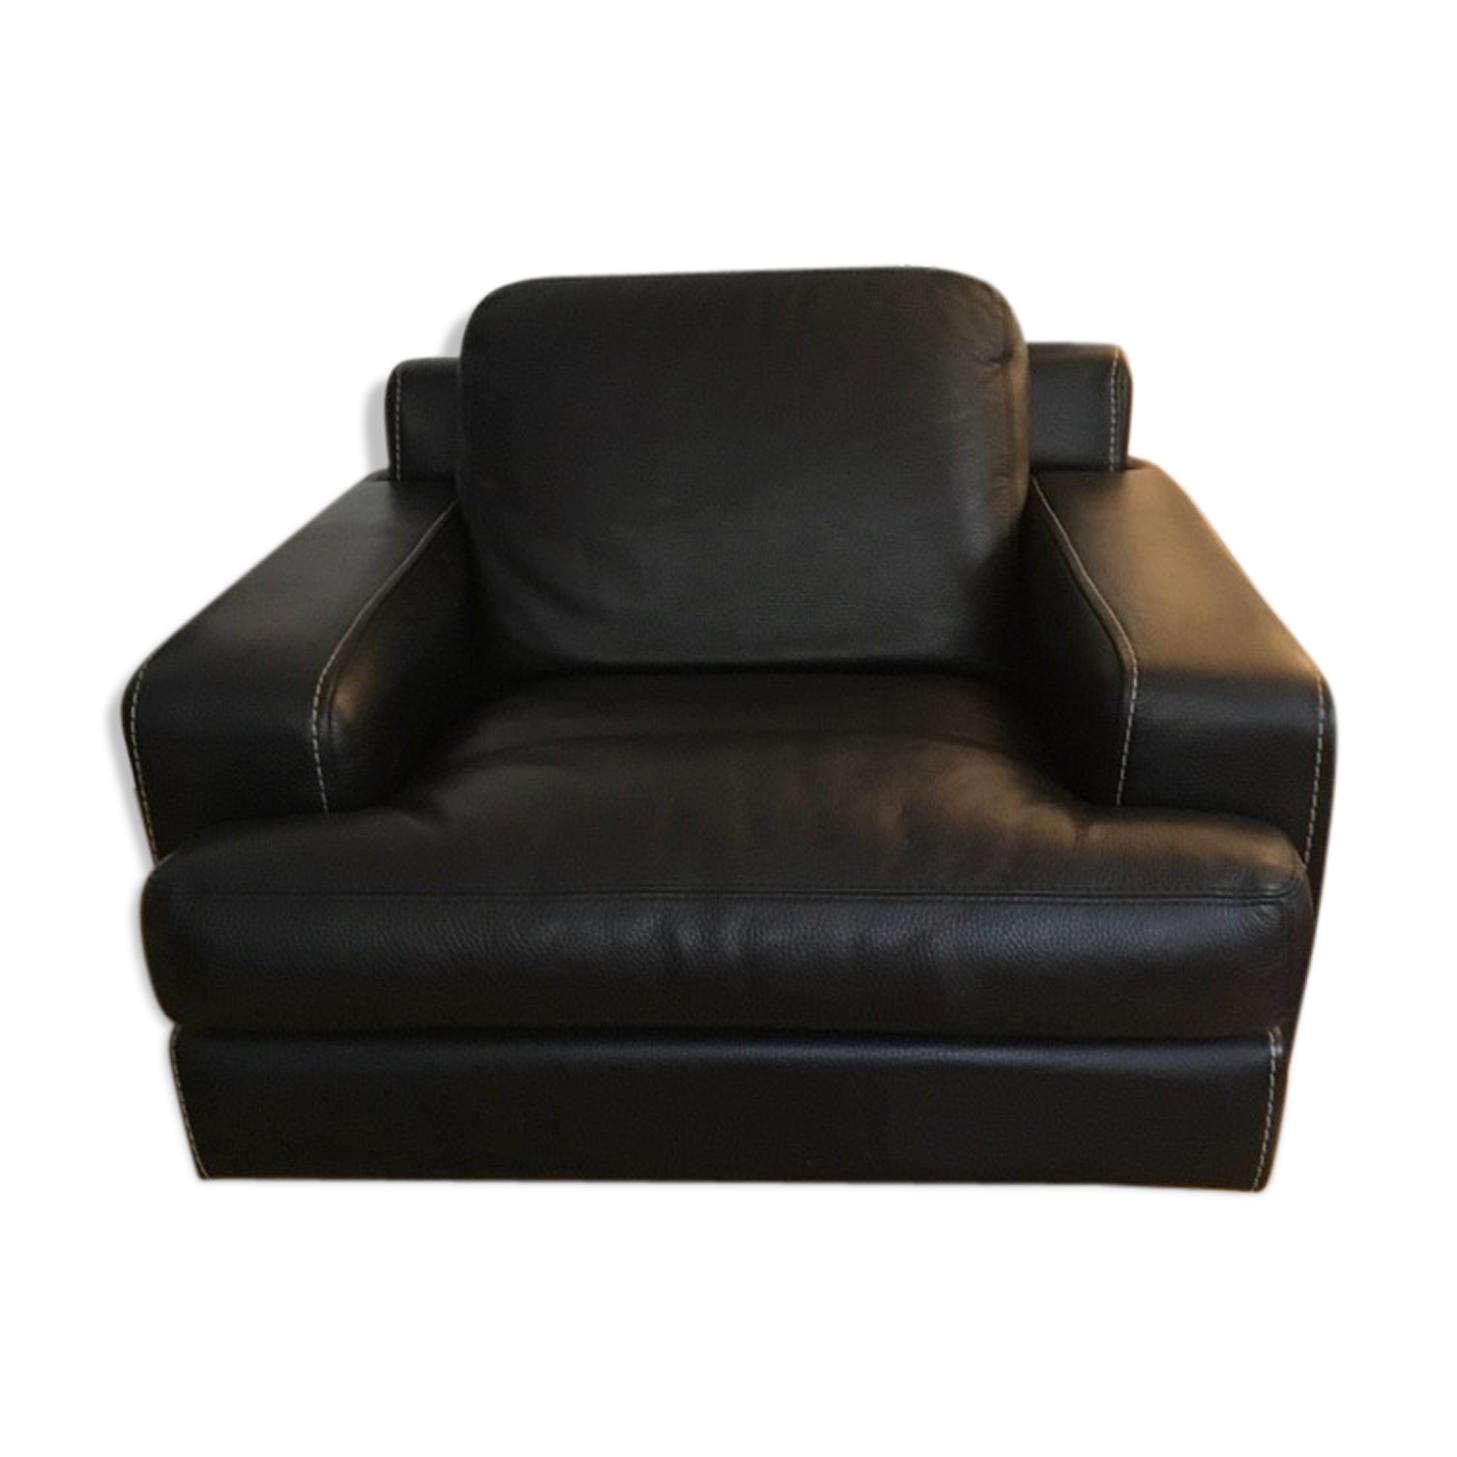 Fauteuil Roche Bobois cuir noir